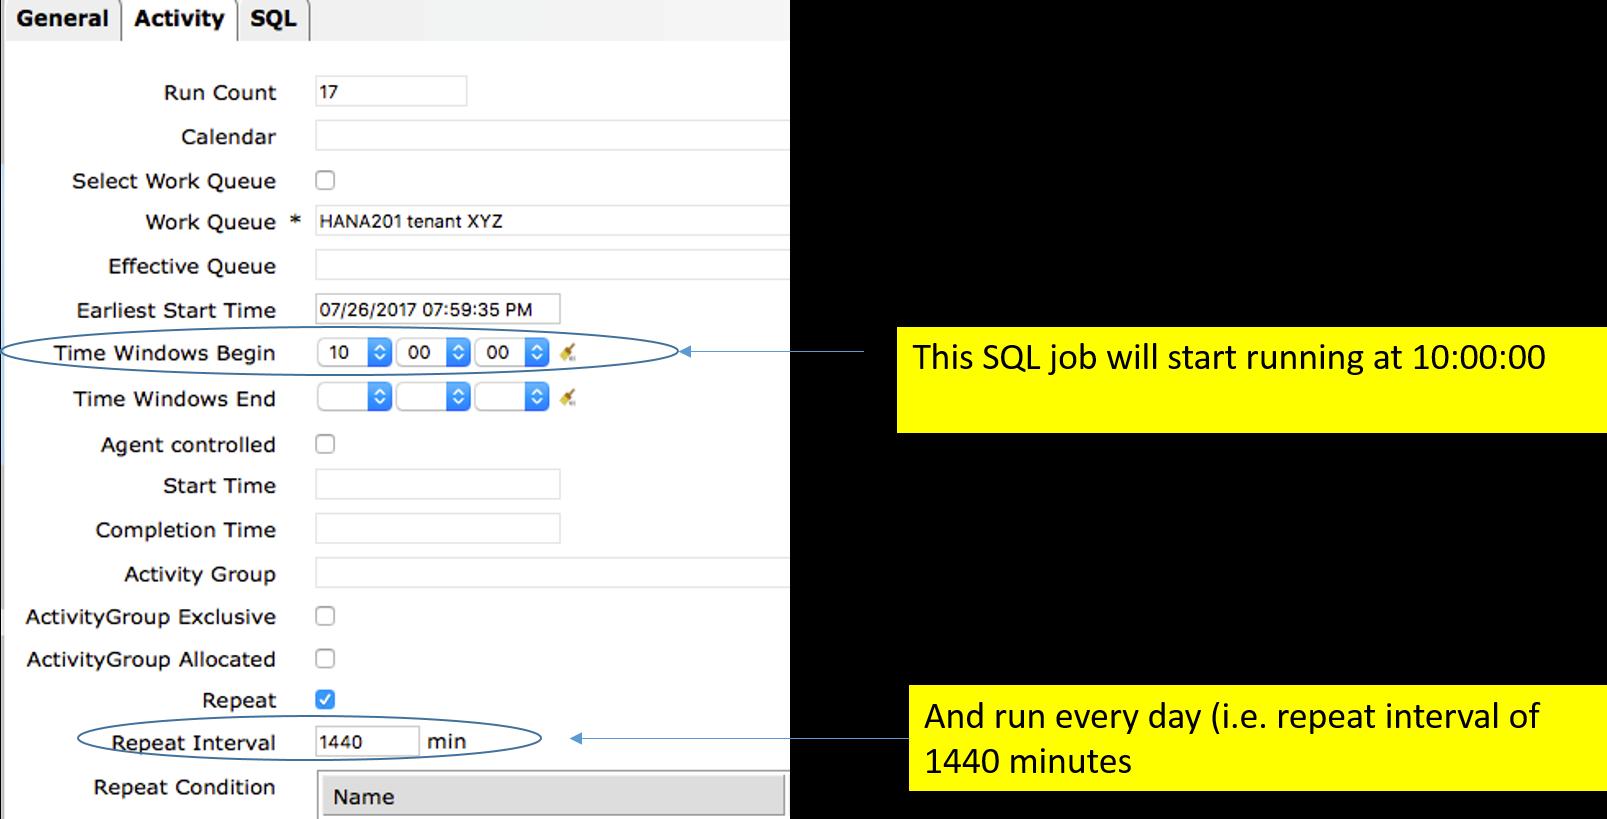 IT-Conductor SAP Basis Automation HANA Backup Create SQL Job - Activity 1